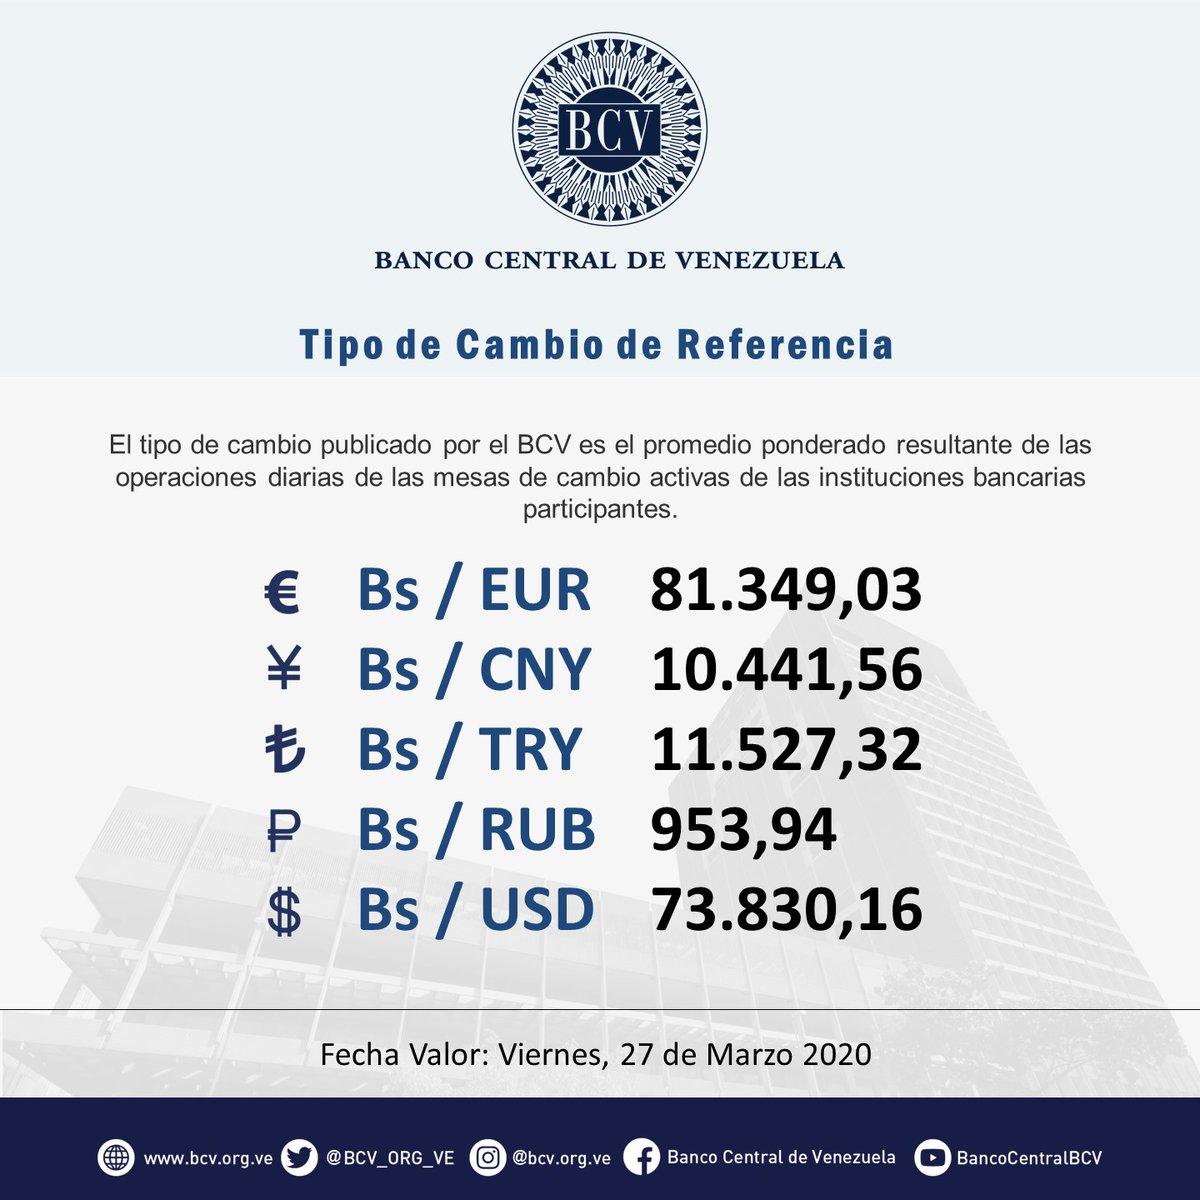 Atención|| El tipo de cambio publicado por el BCV es el promedio ponderado de las operaciones de las mesas de cambio de las instituciones bancarias. Al cierre de la jornada del jueves 26-03-2020, los resultados son:  #MercadoCambiario #BCVpic.twitter.com/Zmk47IEwn3